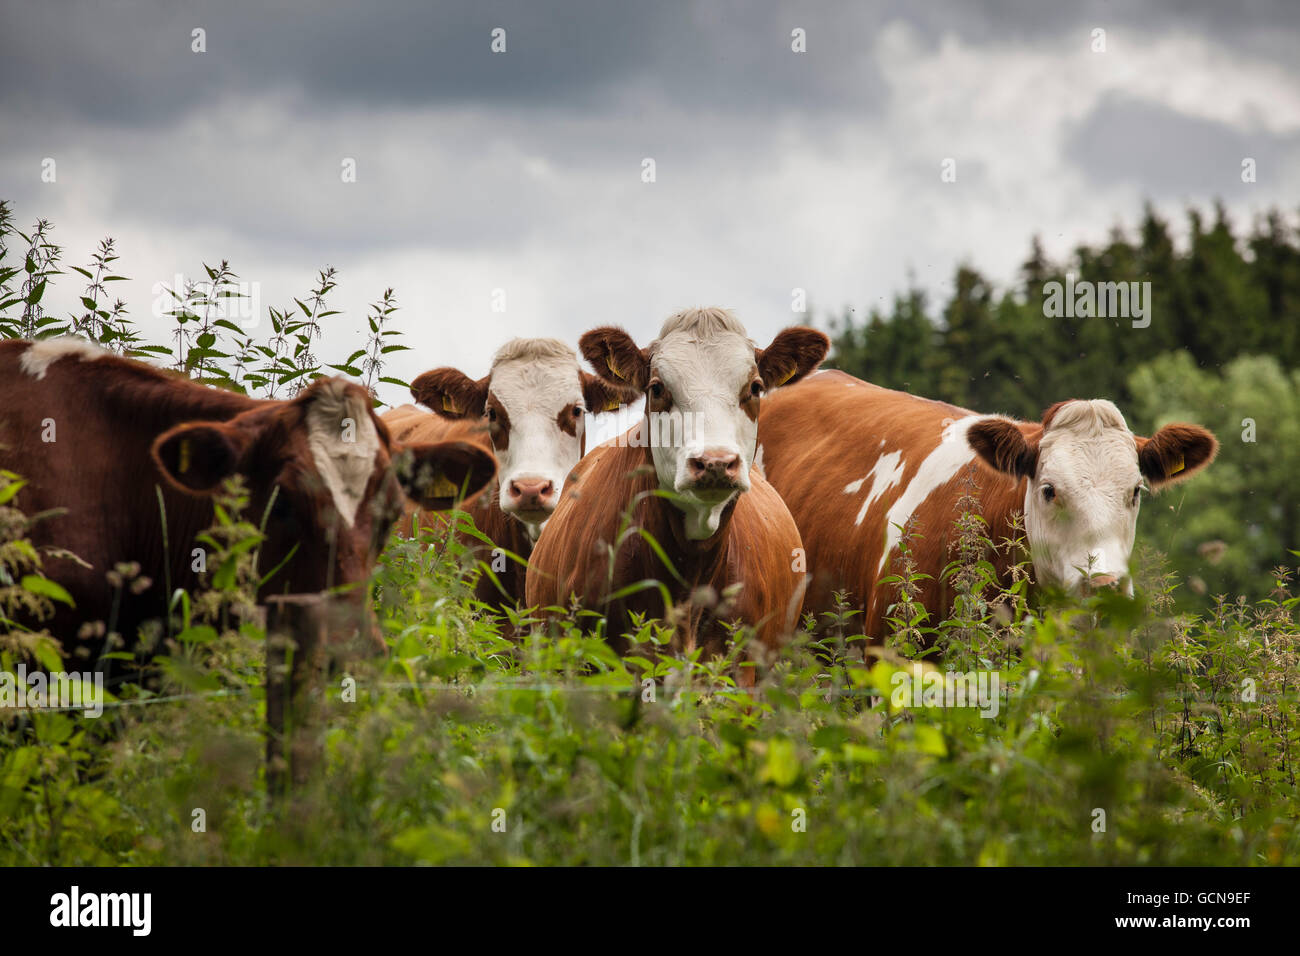 L'Europa, in Germania, in Renania settentrionale-Vestfalia, Regione del Basso Reno, bovini su un pascolo vicino Immagini Stock